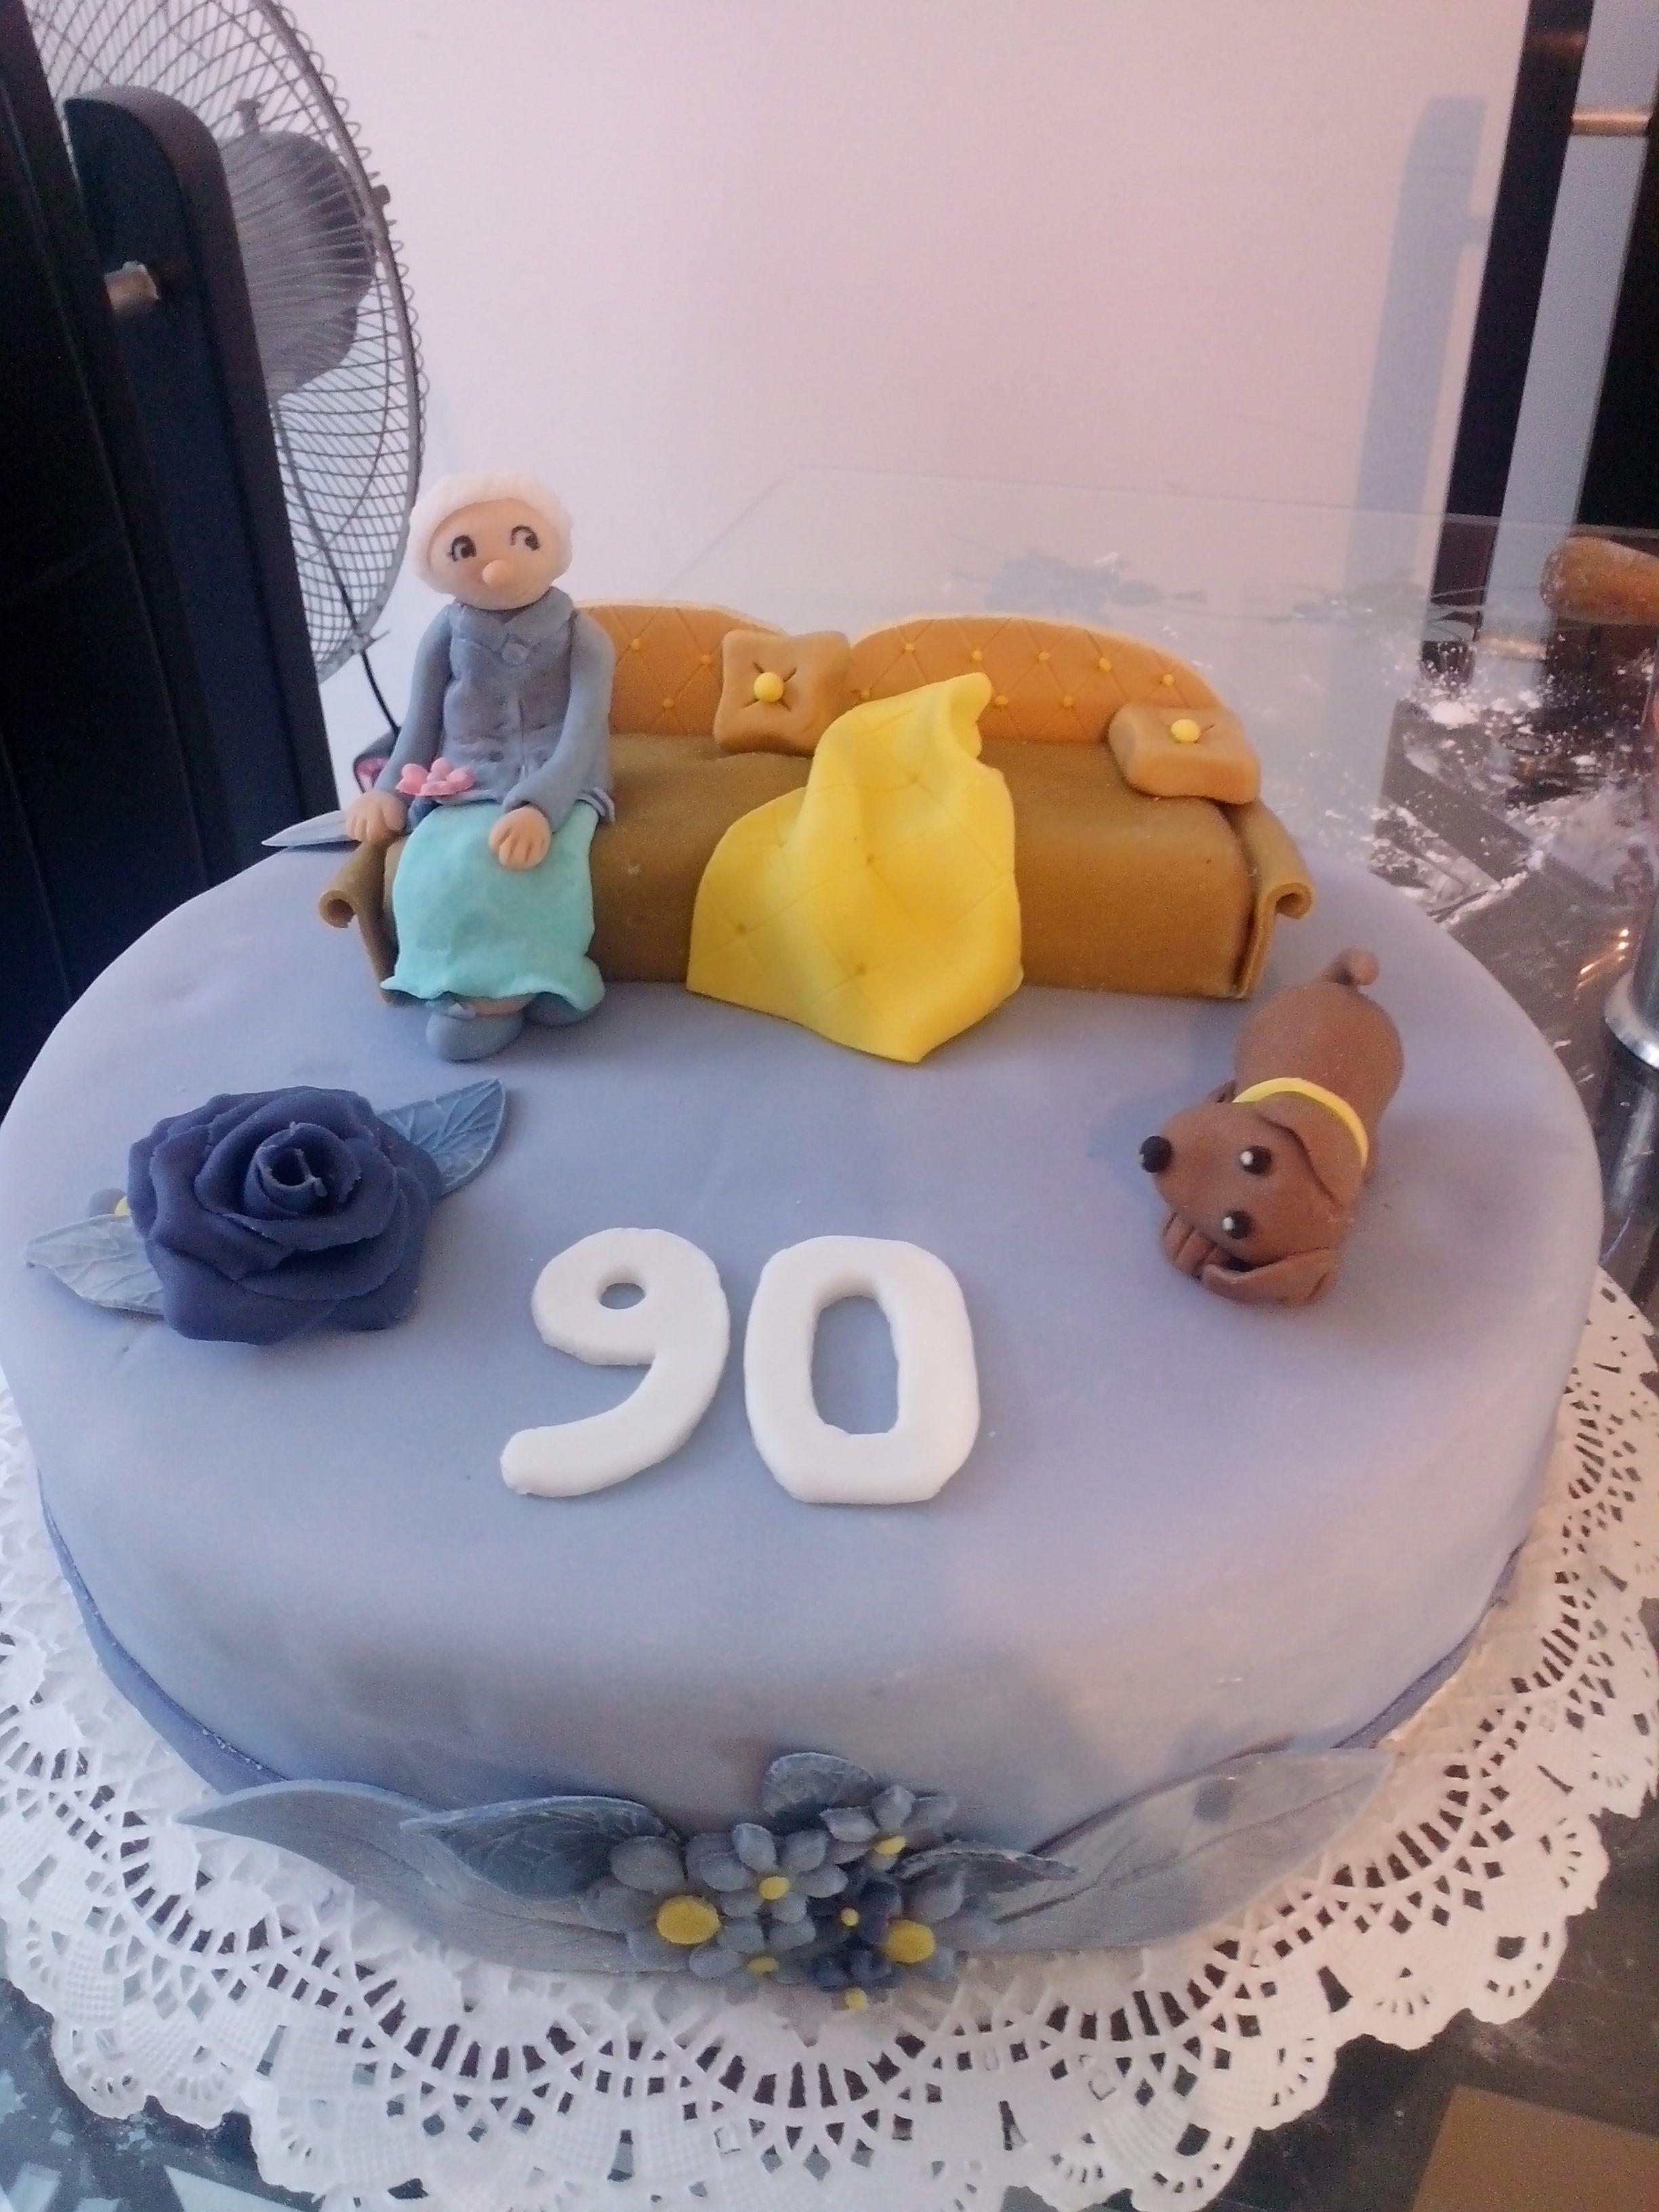 Torta para abuela de 90 años | Cumpleaños papá | Pinterest | Abuelas ...